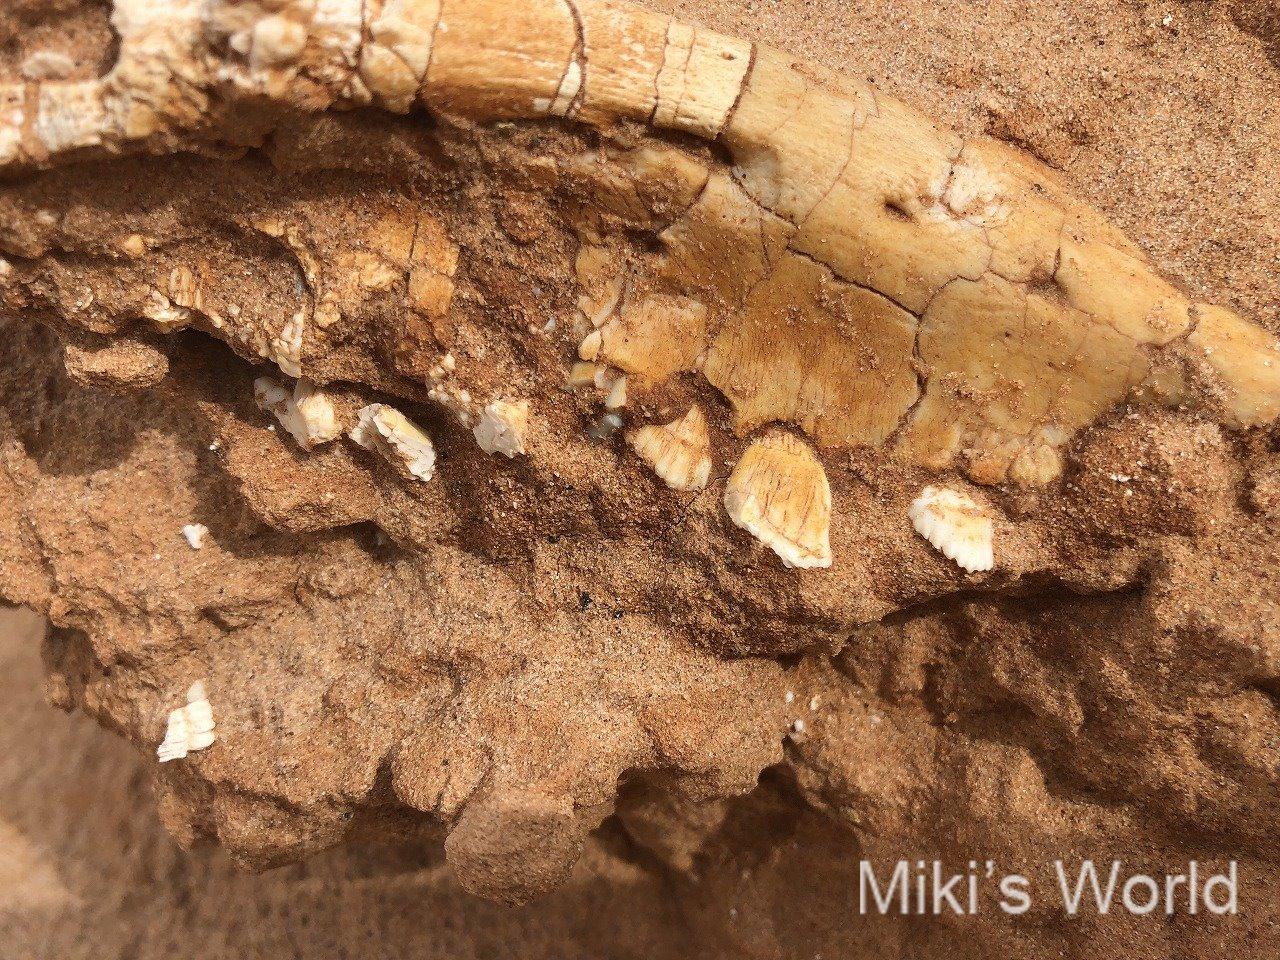 モンゴル・南ゴビのバヤンザグ 恐竜プロトケラトプスの化石を目の当たりにする!